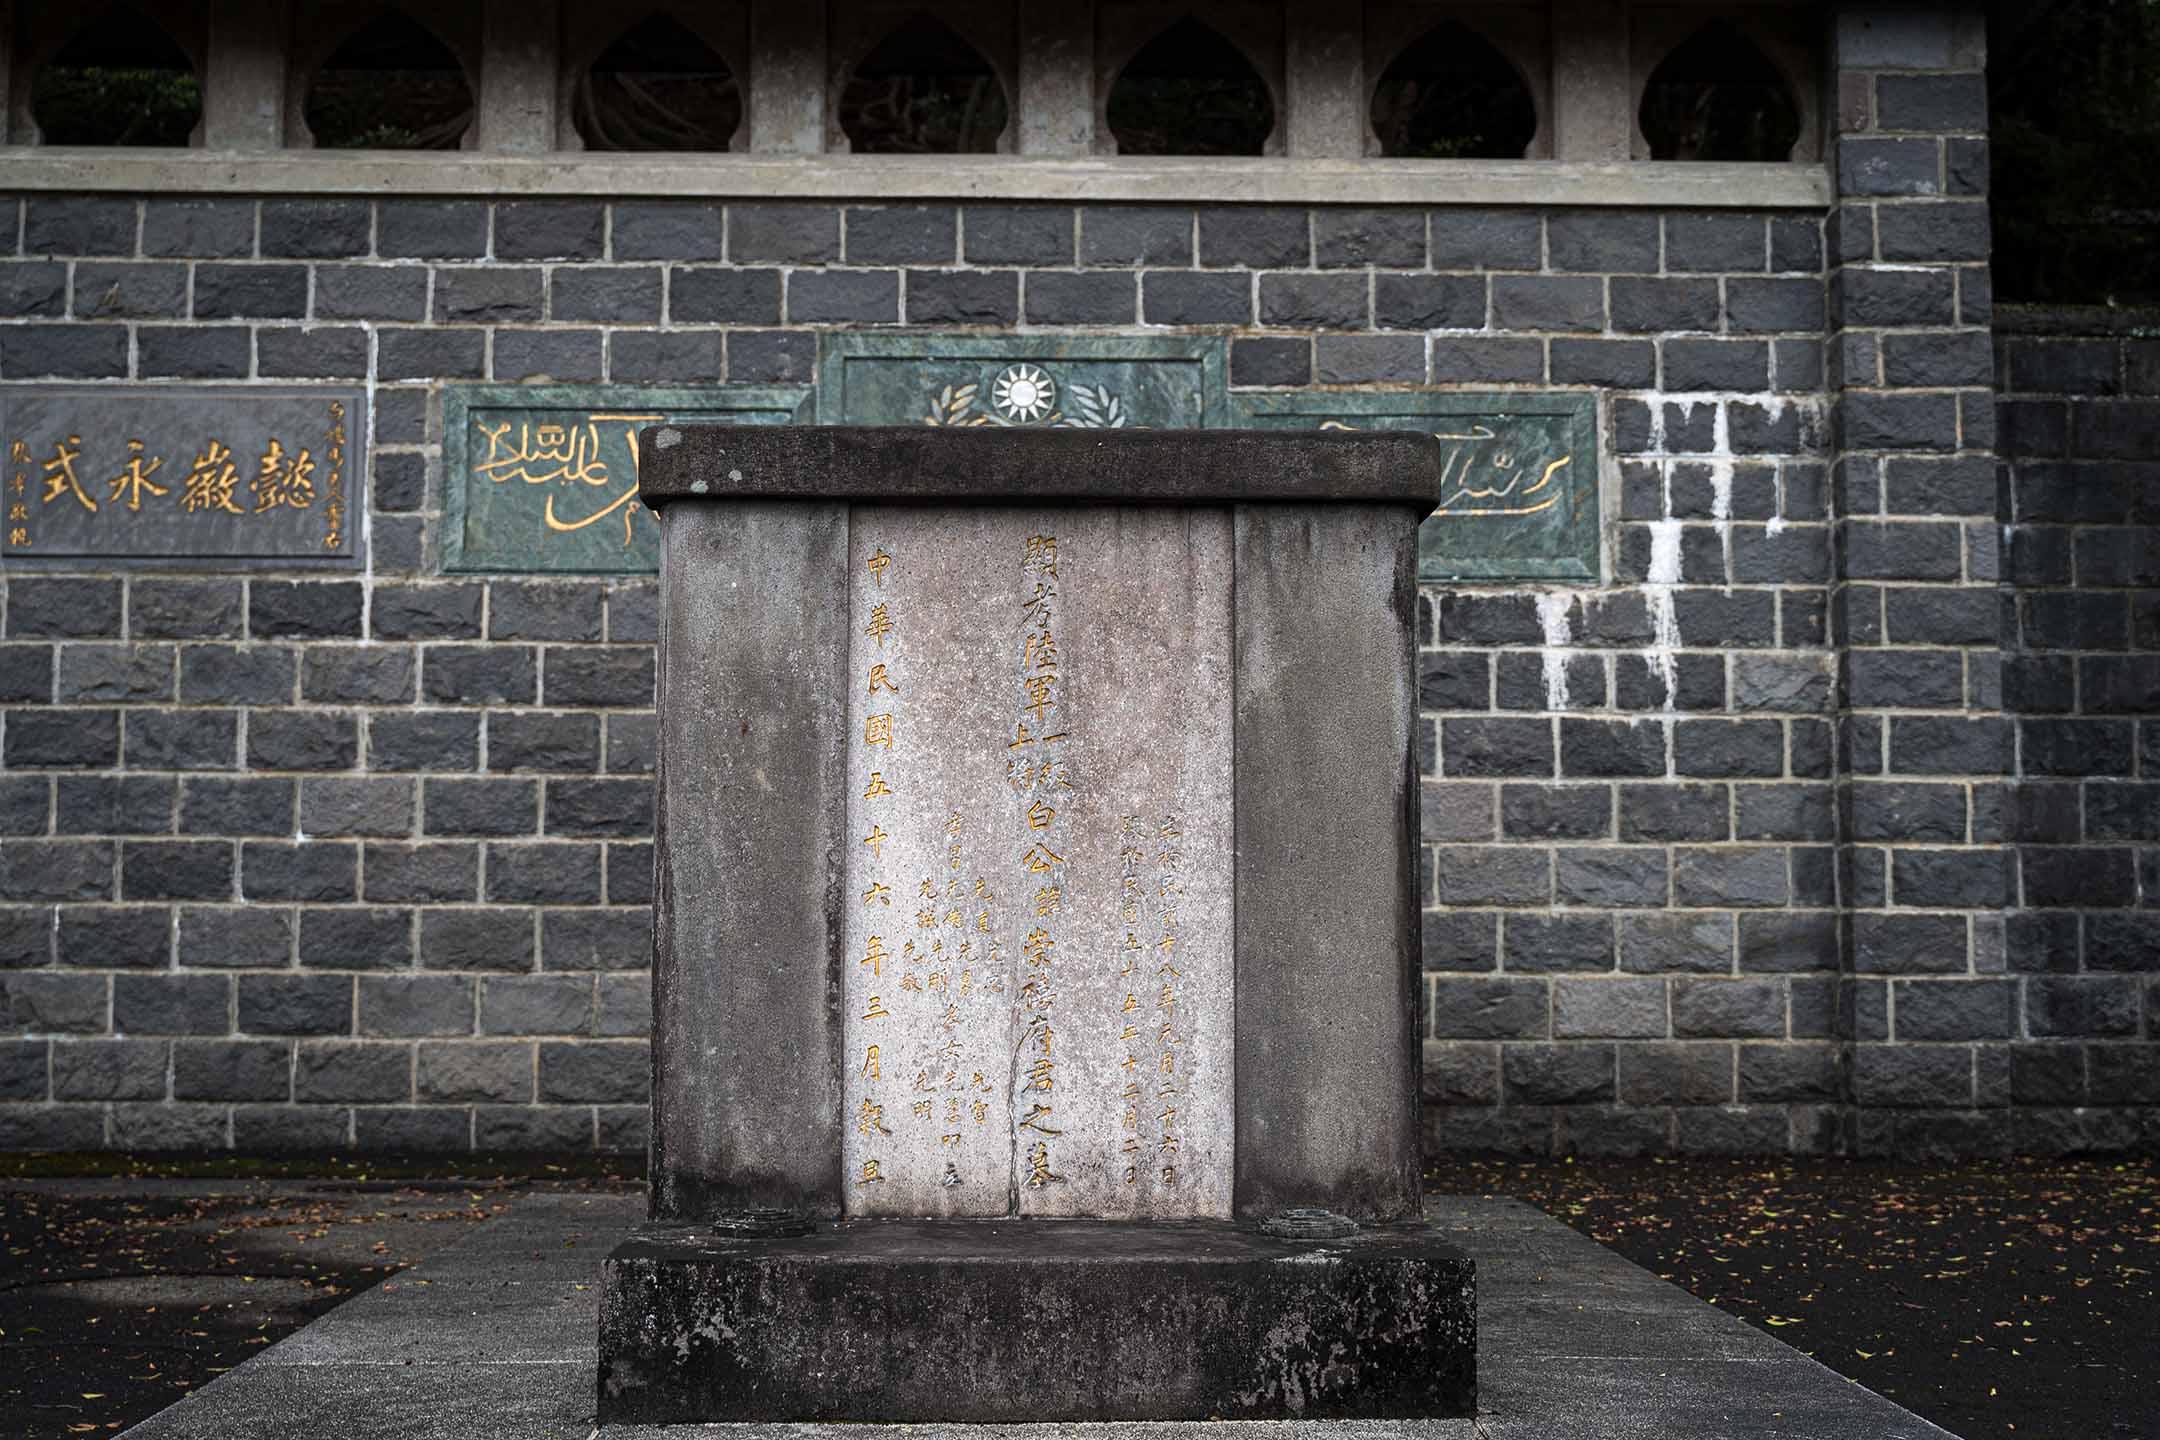 台北六張犁的回教墓園。